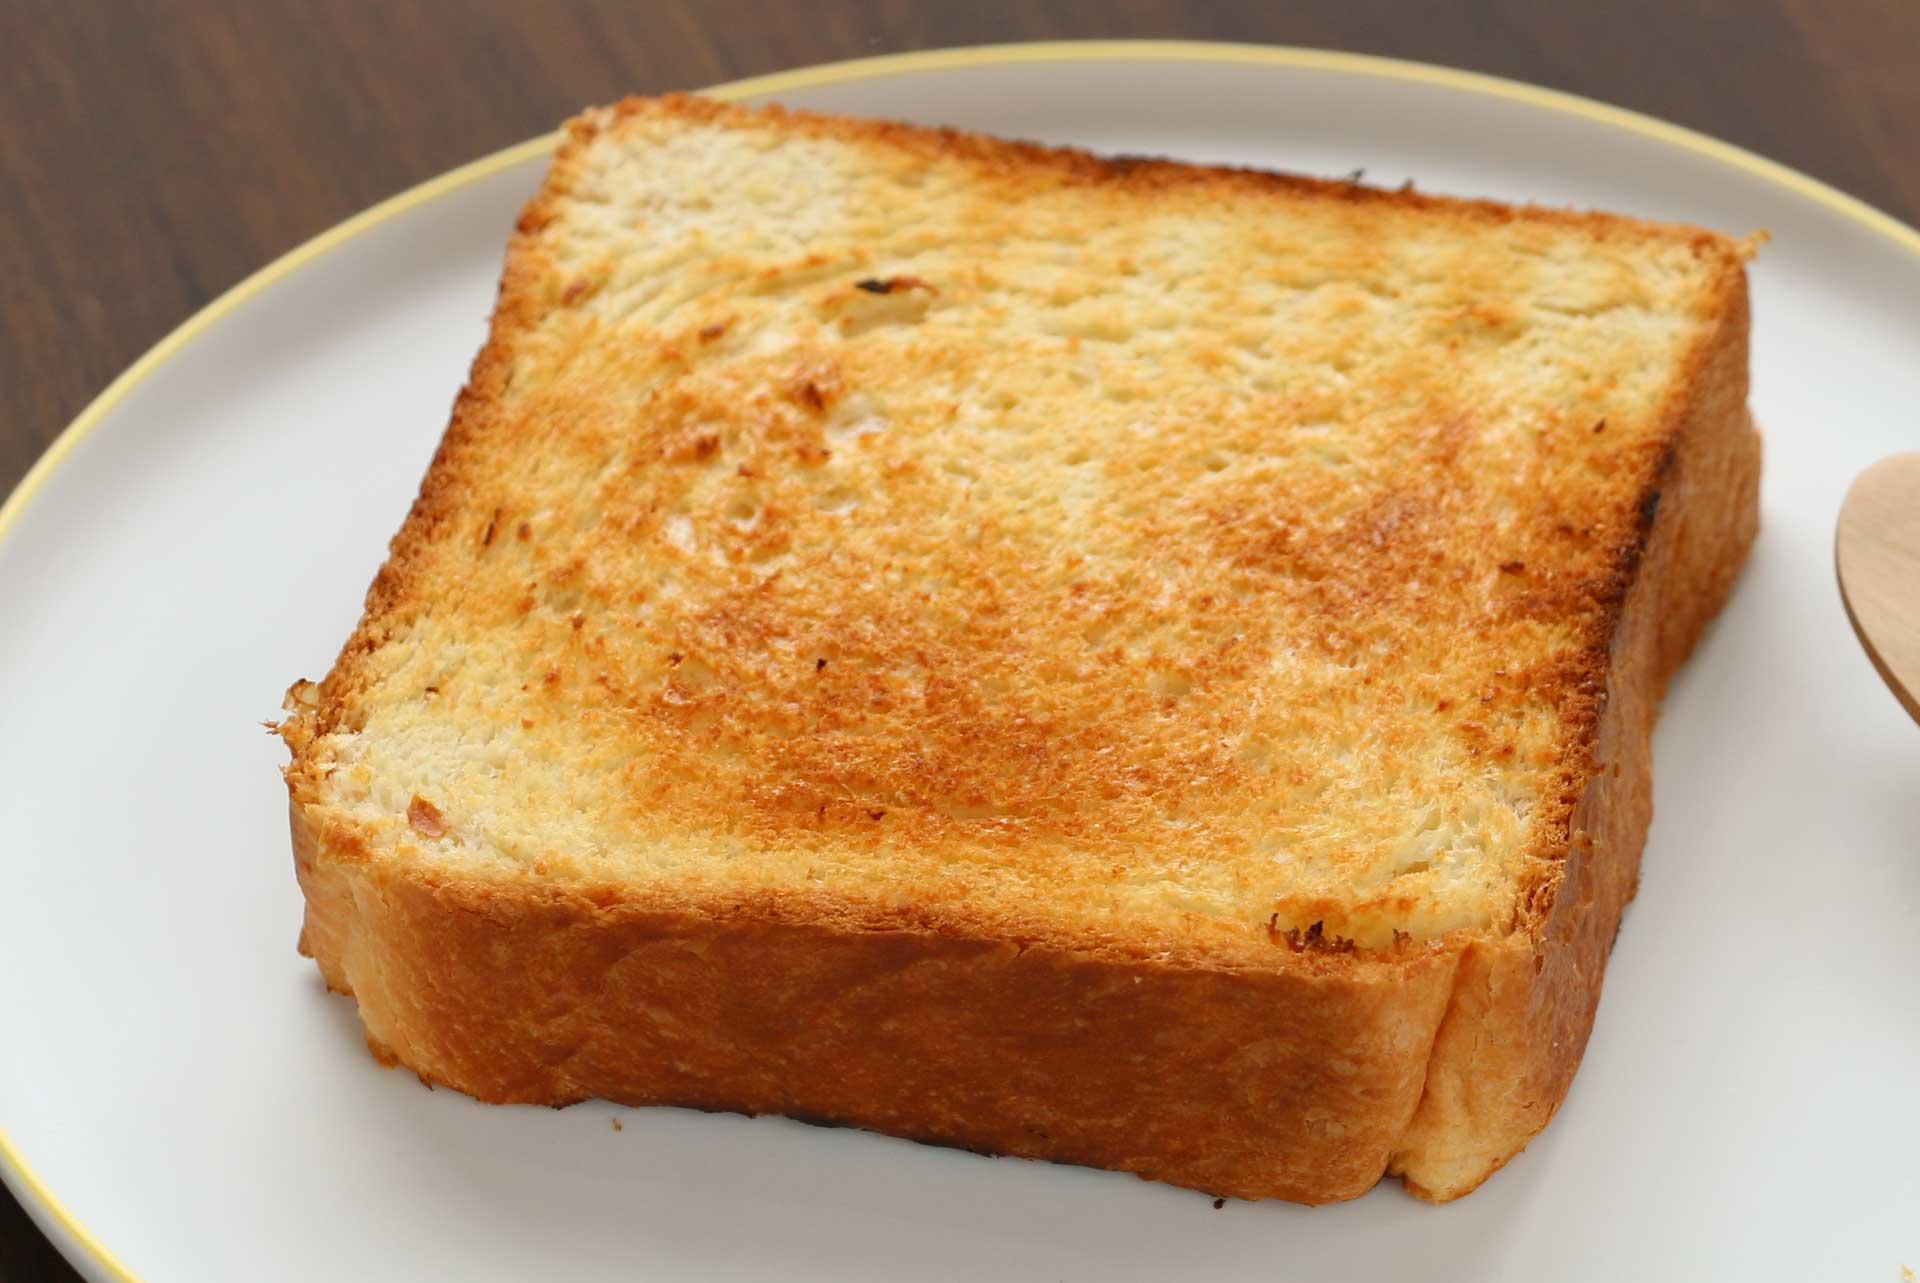 川場プレミアム食パンの商品詳細イメージ-996